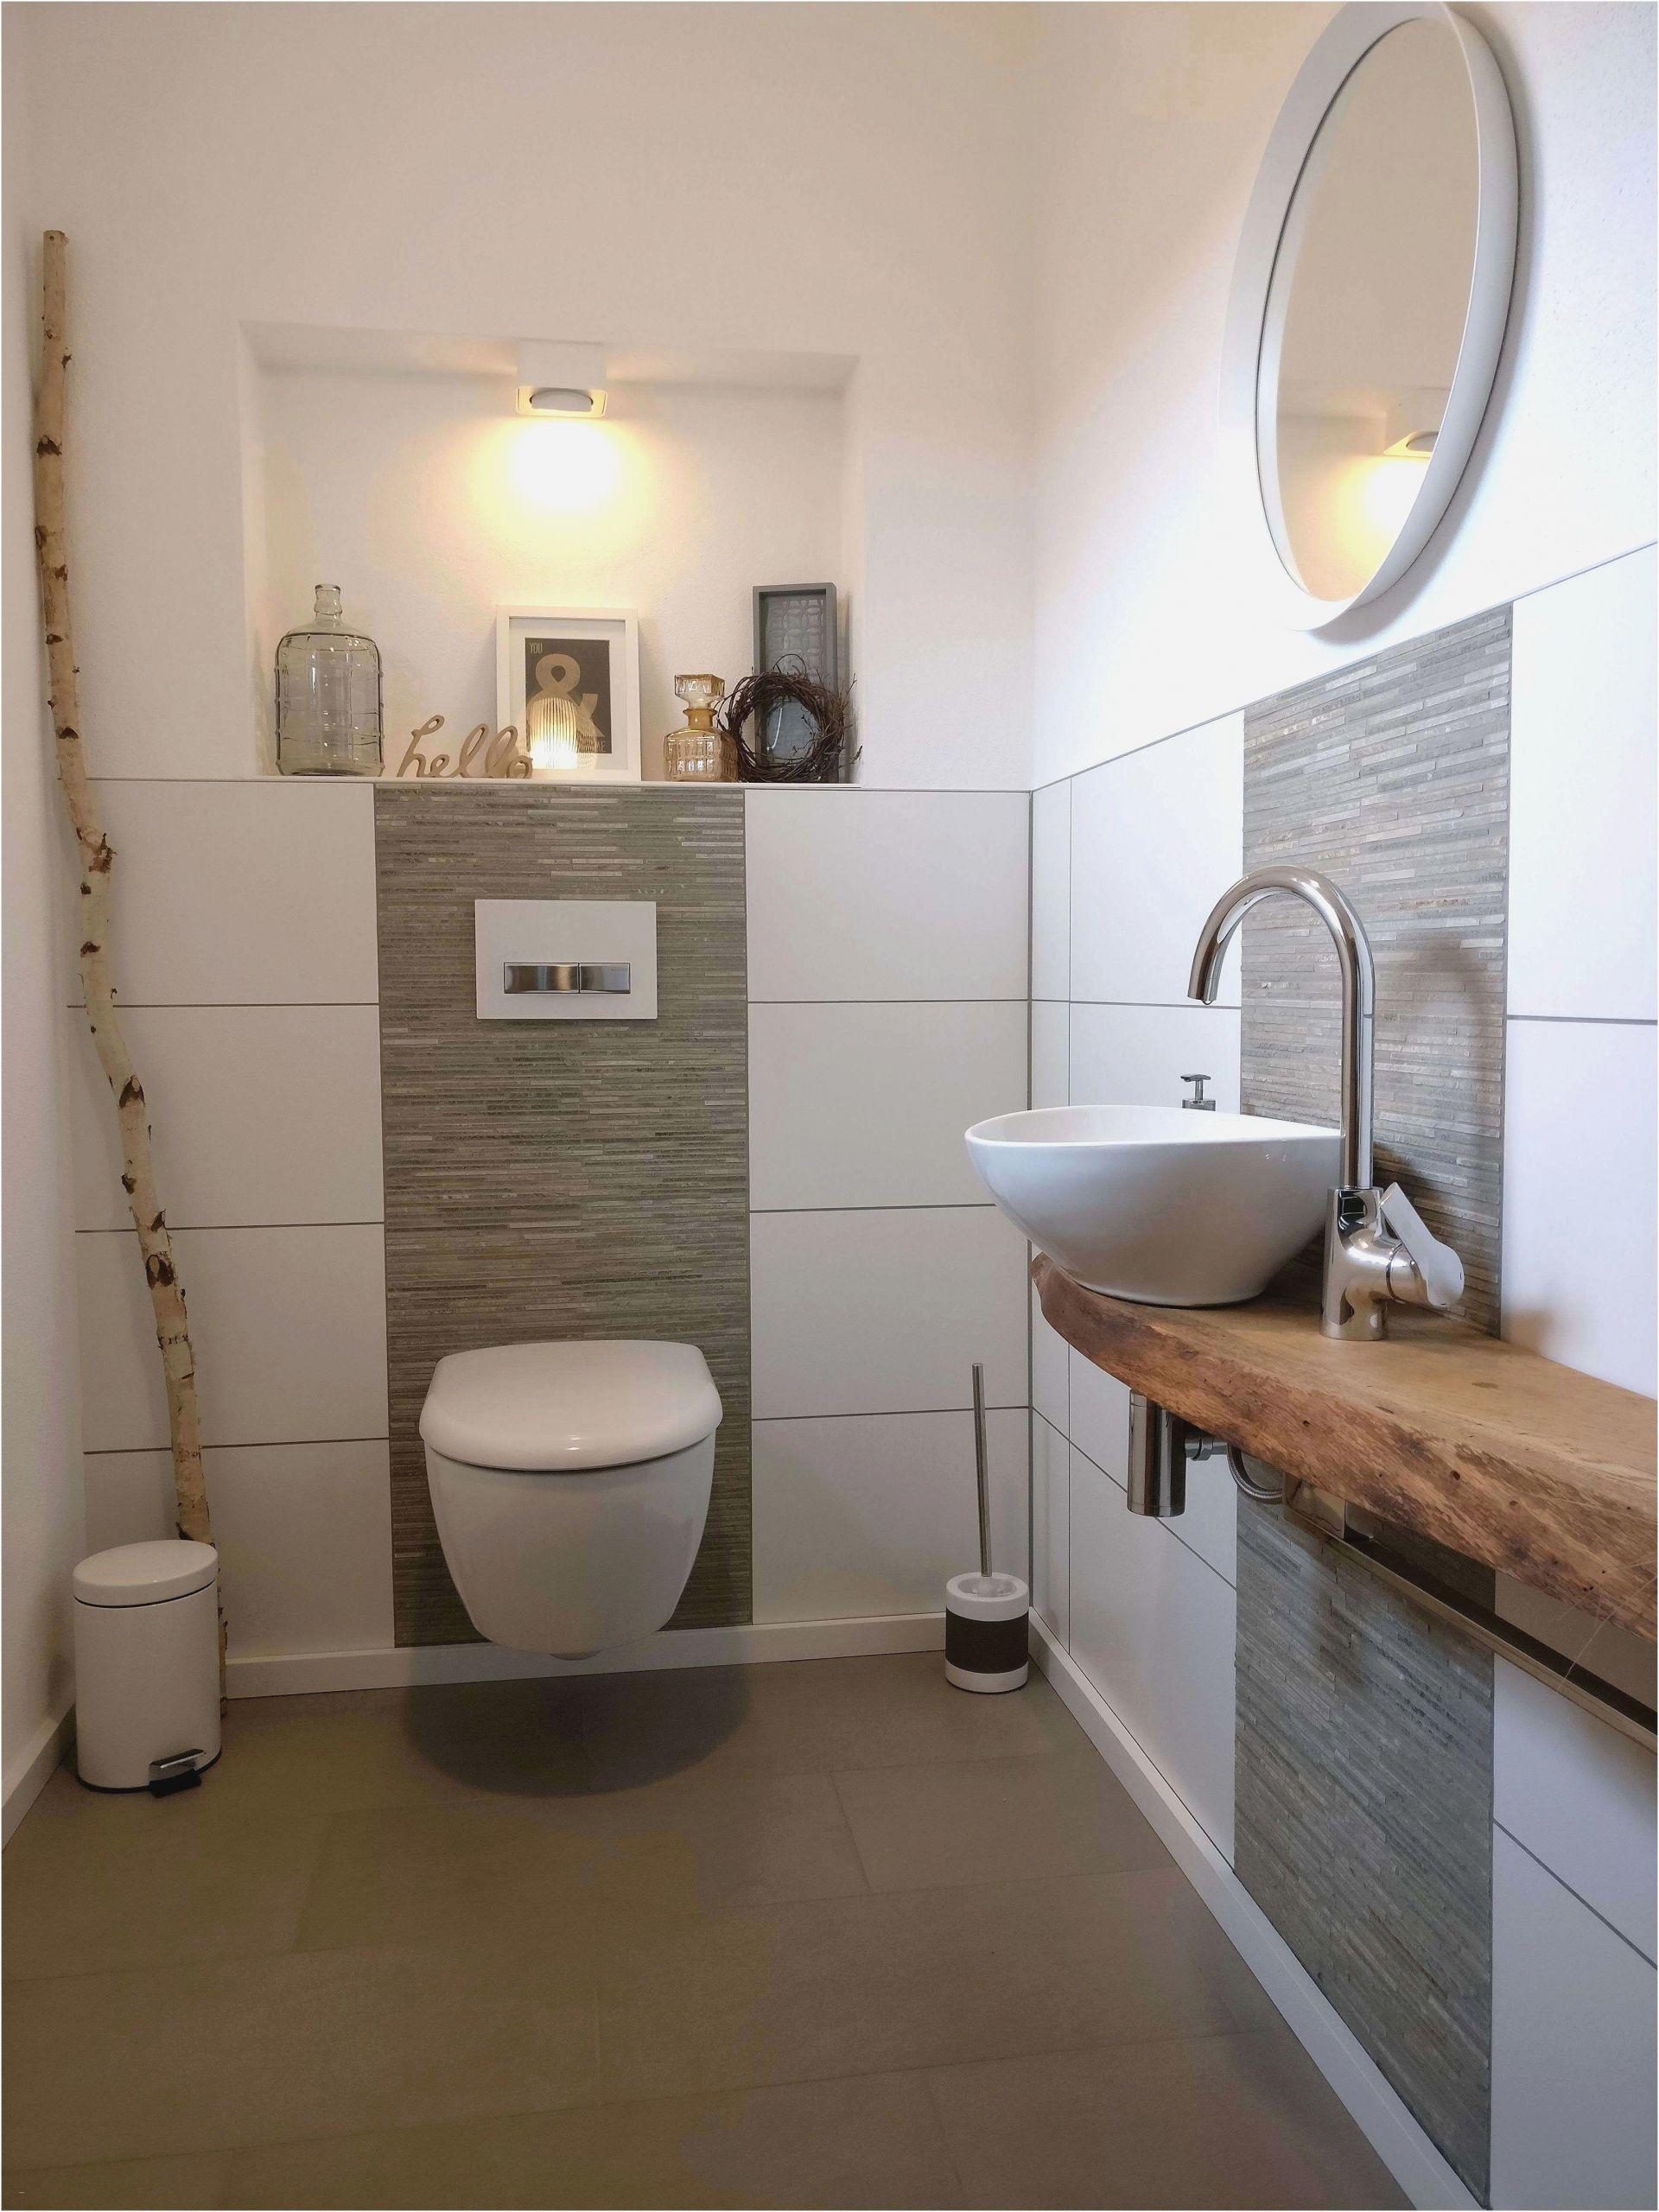 Kleine Badezimmer Modern Moderne Kleine Badezimmer Ideen Ankleidezimmer Traumhaus